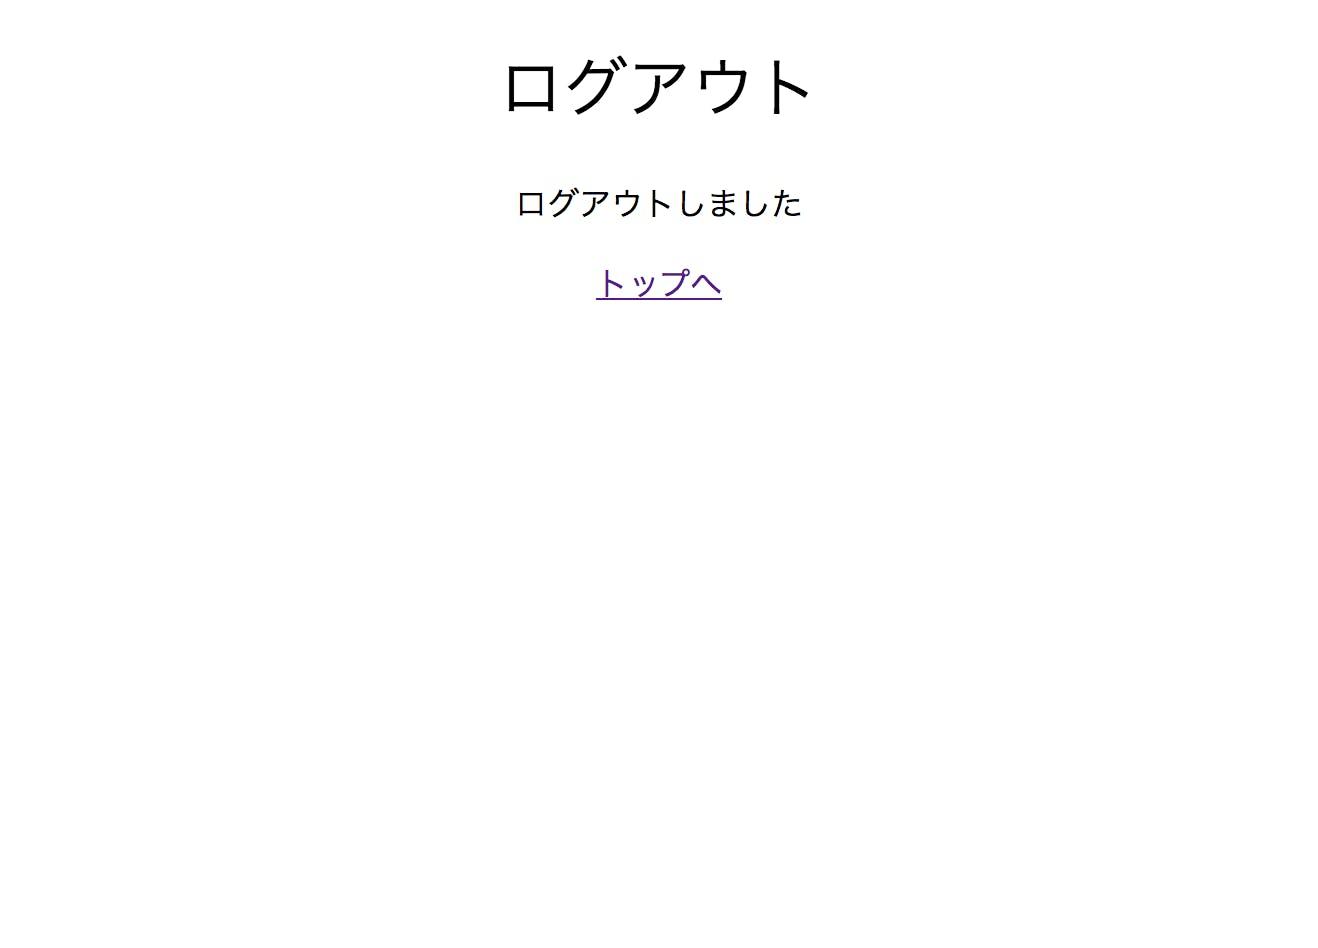 スクリーンショット 2019-09-12 18.59.02.png